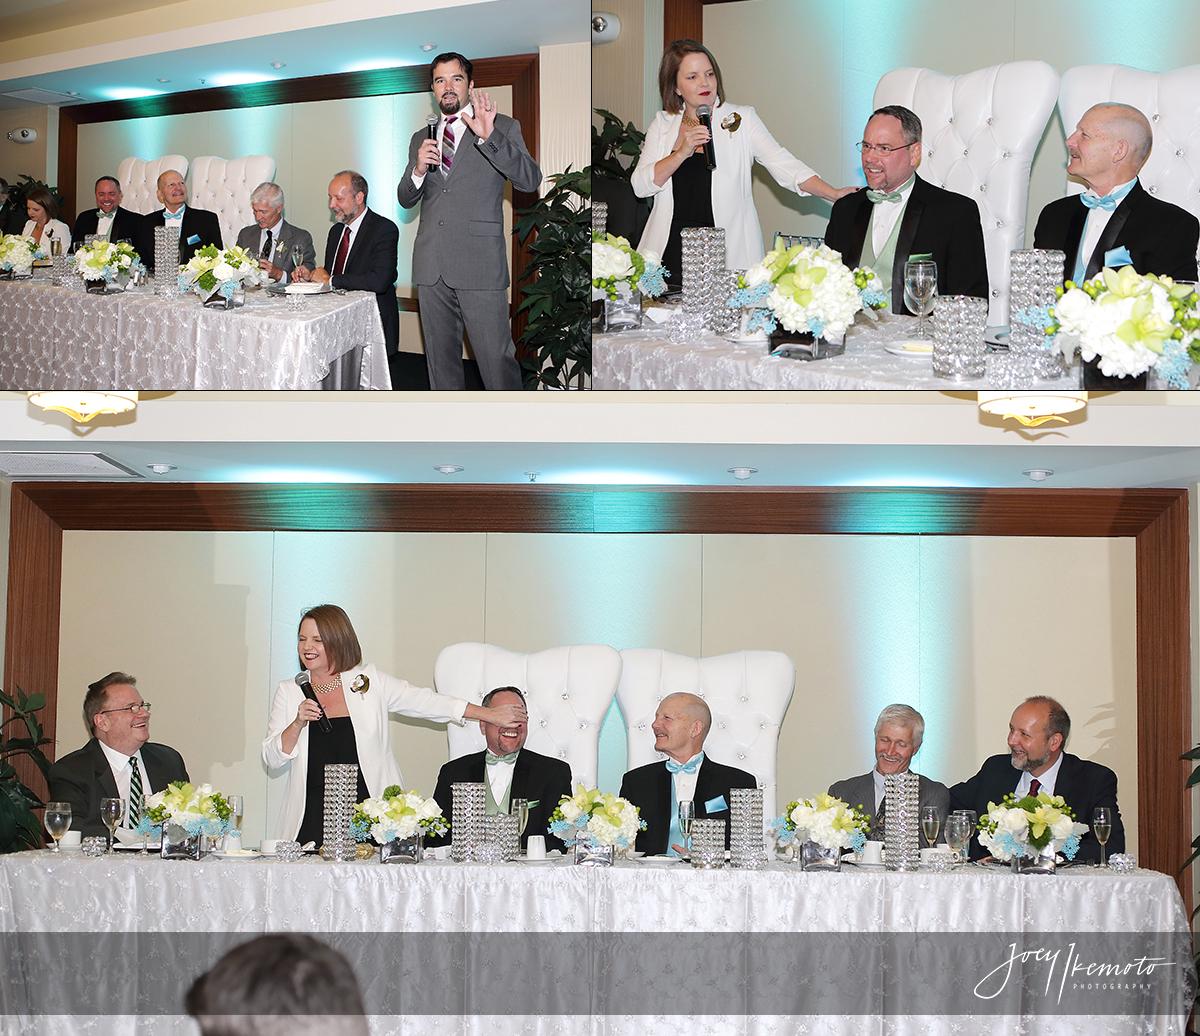 Wayfarers-Chapel-and-Long-Beach-Marriott-Wedding_0025_Blog-Collage-1451505723927